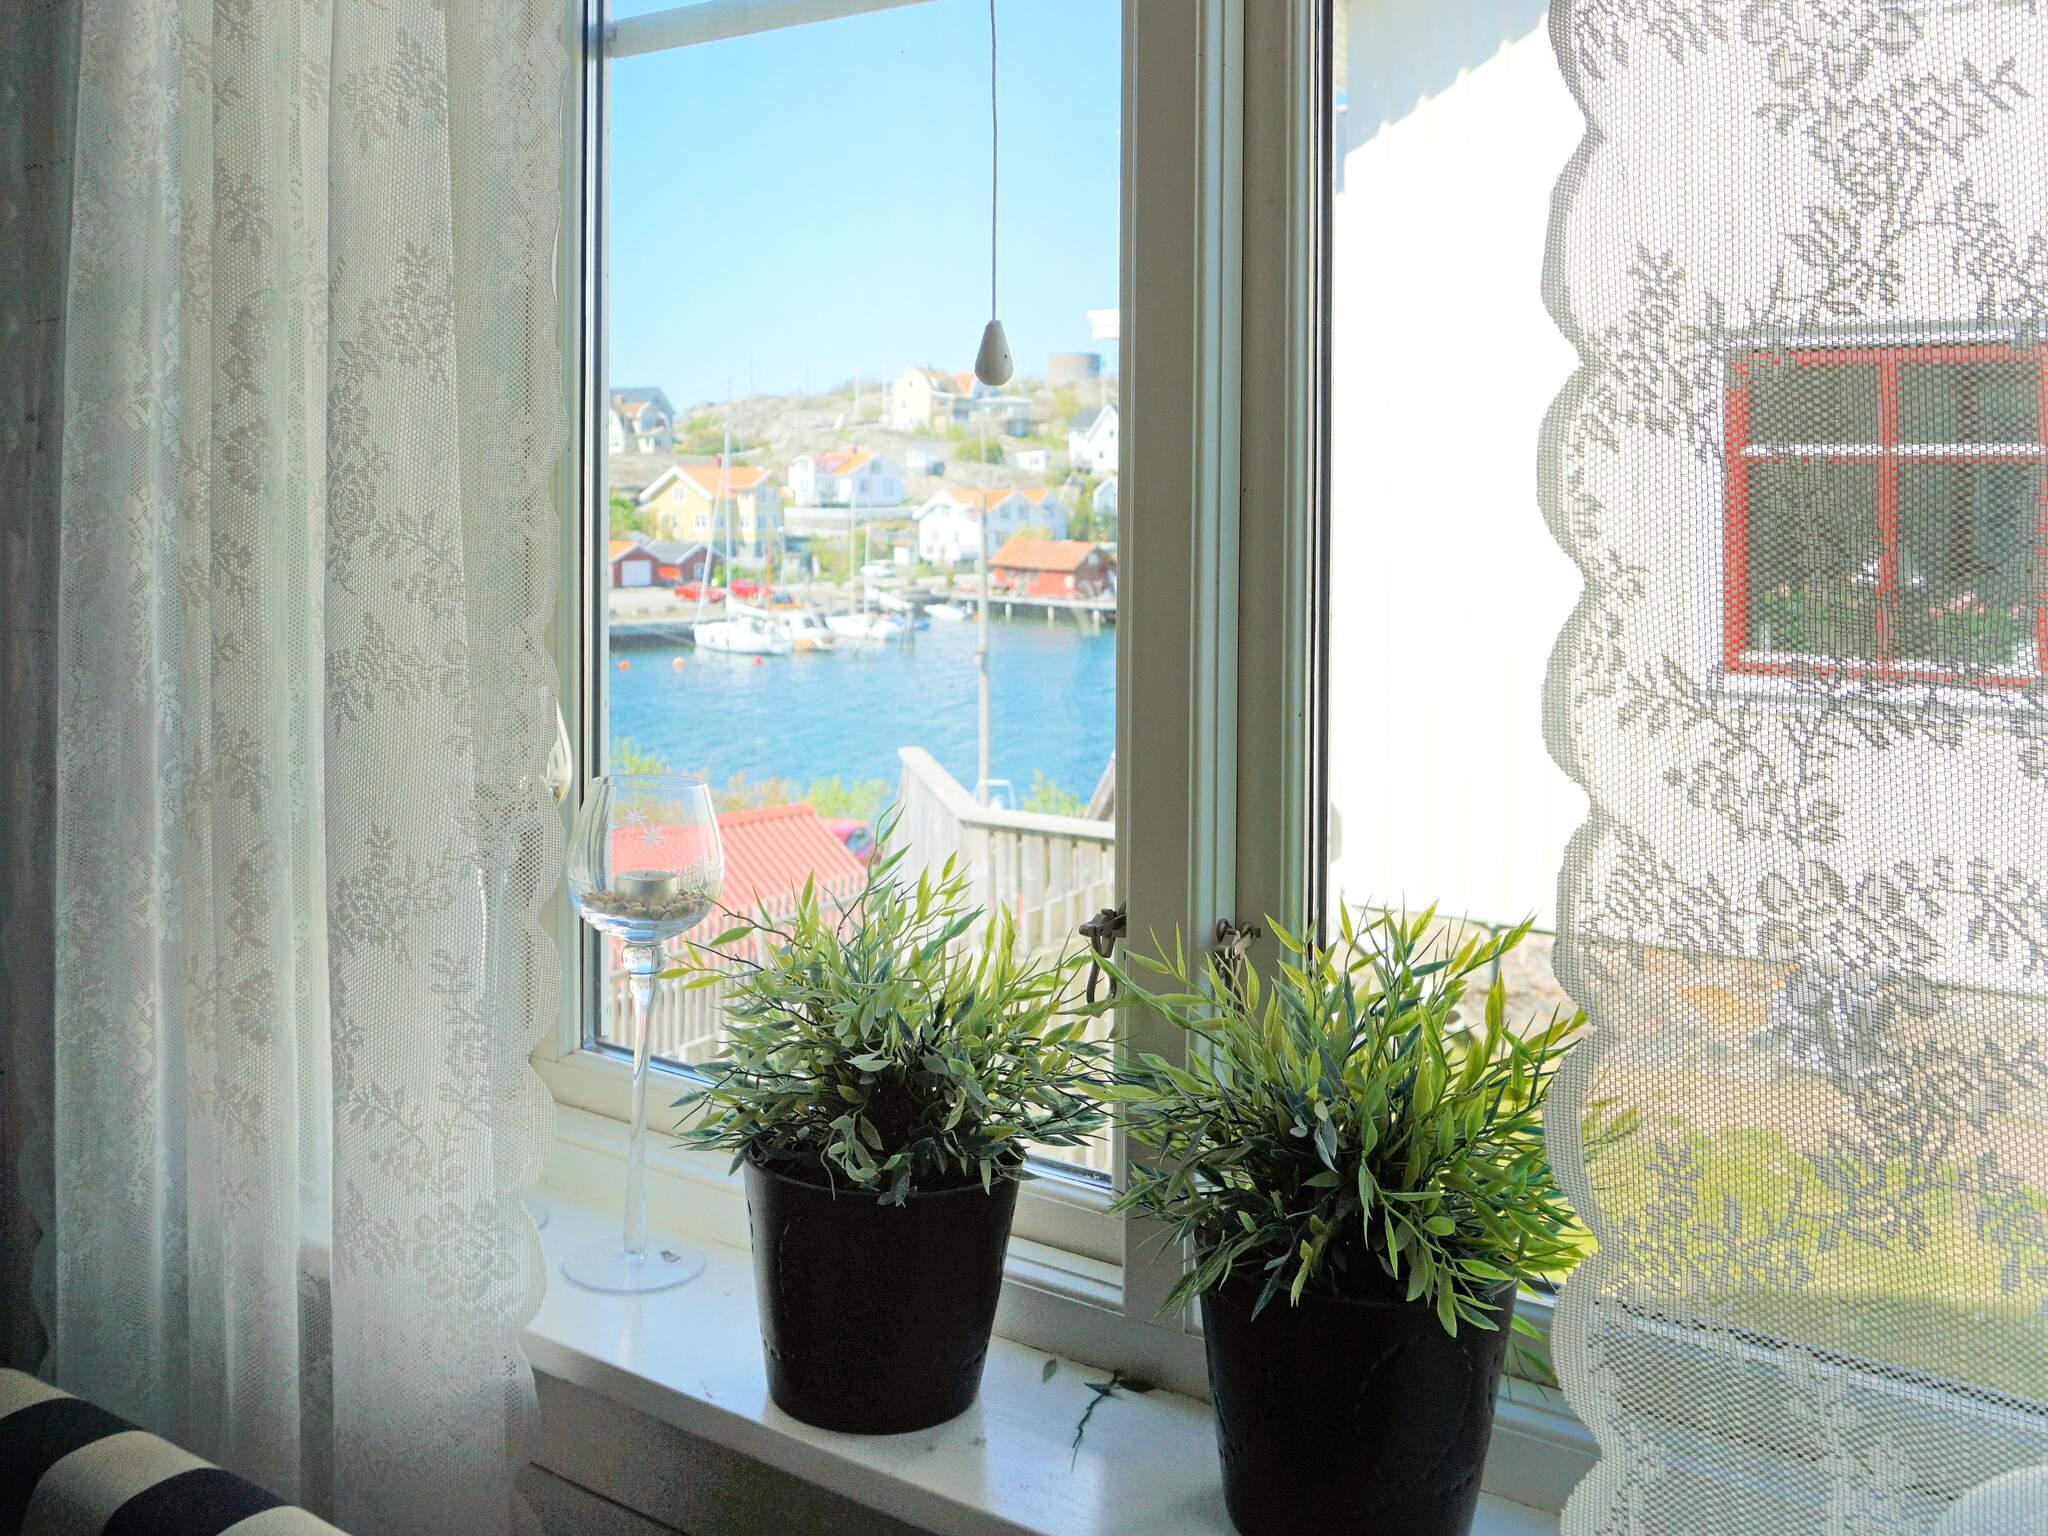 Ferienhaus Göteborgs Skärgård (2626803), Hälsö, Västra Götaland län, Westschweden, Schweden, Bild 8